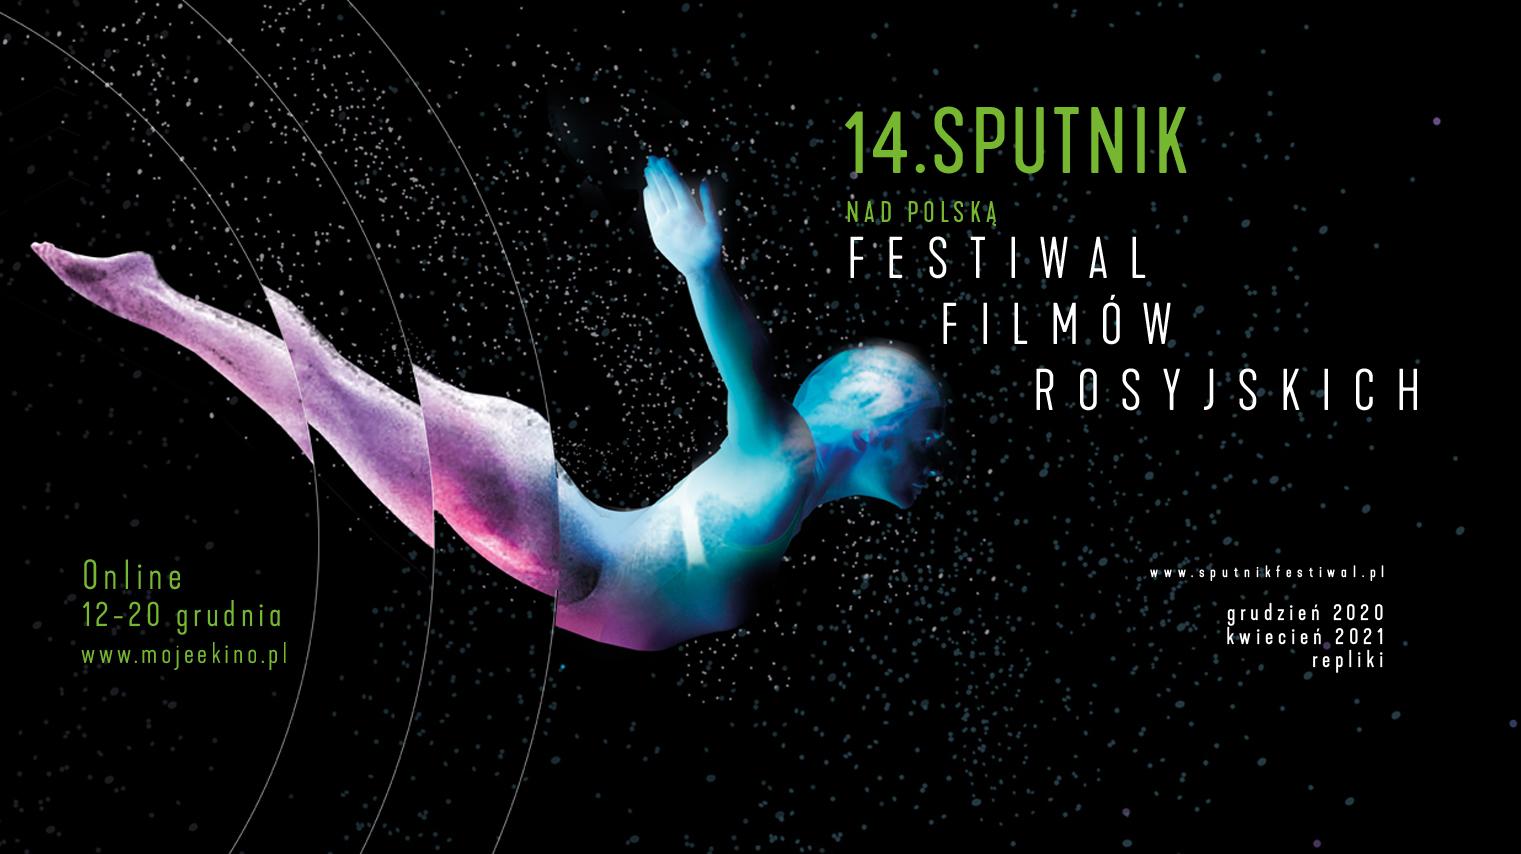 14 sputnik